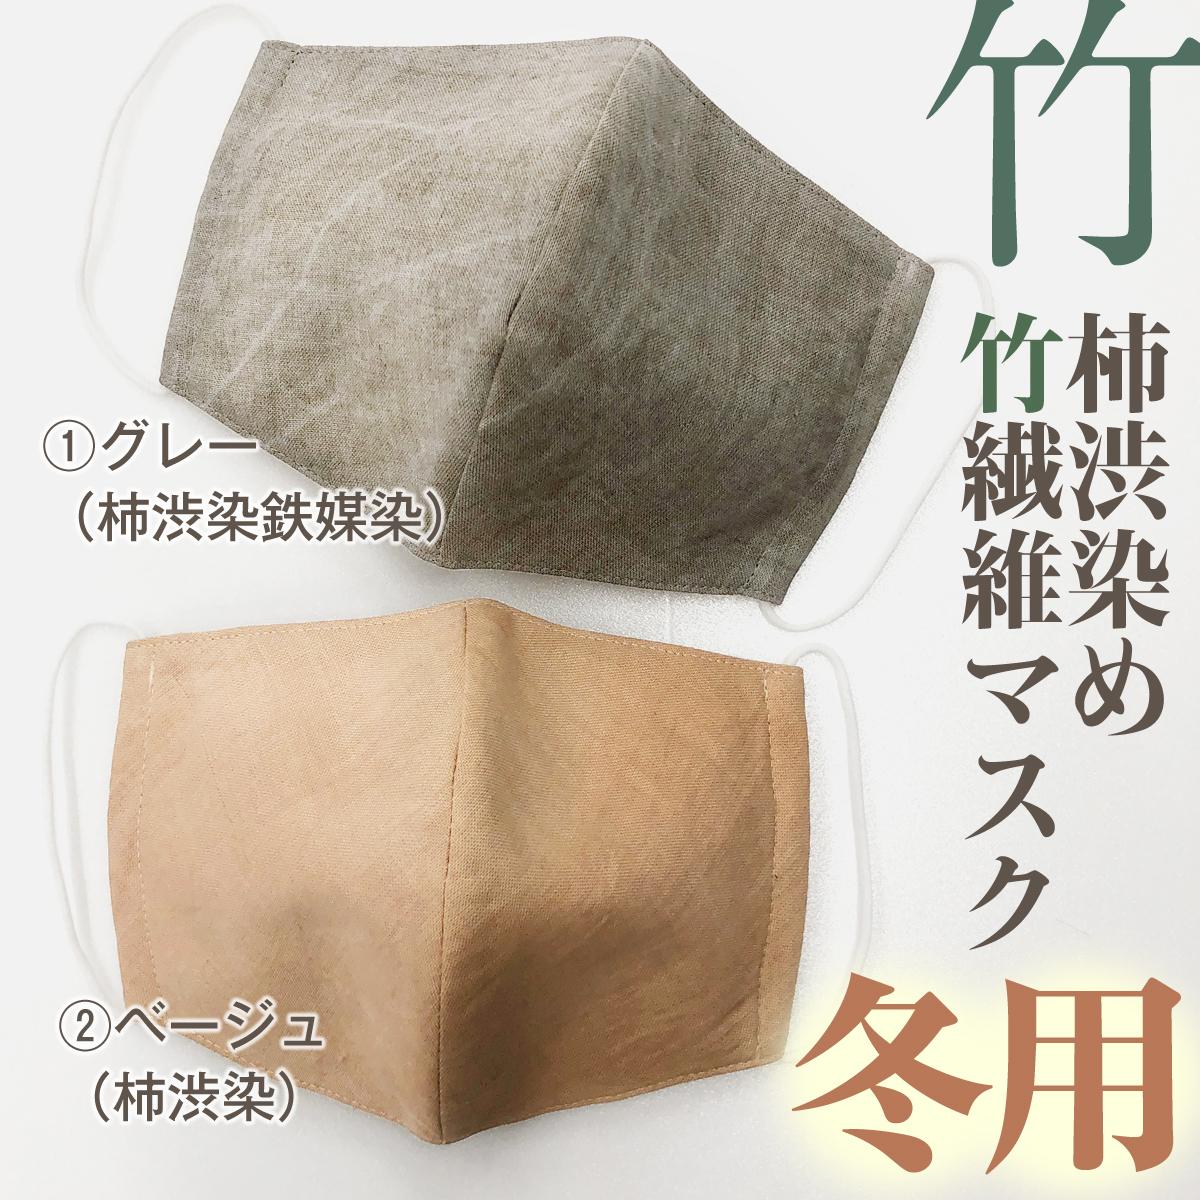 【冬用】あったか柿渋染め洗える竹マスク 立体タイプ